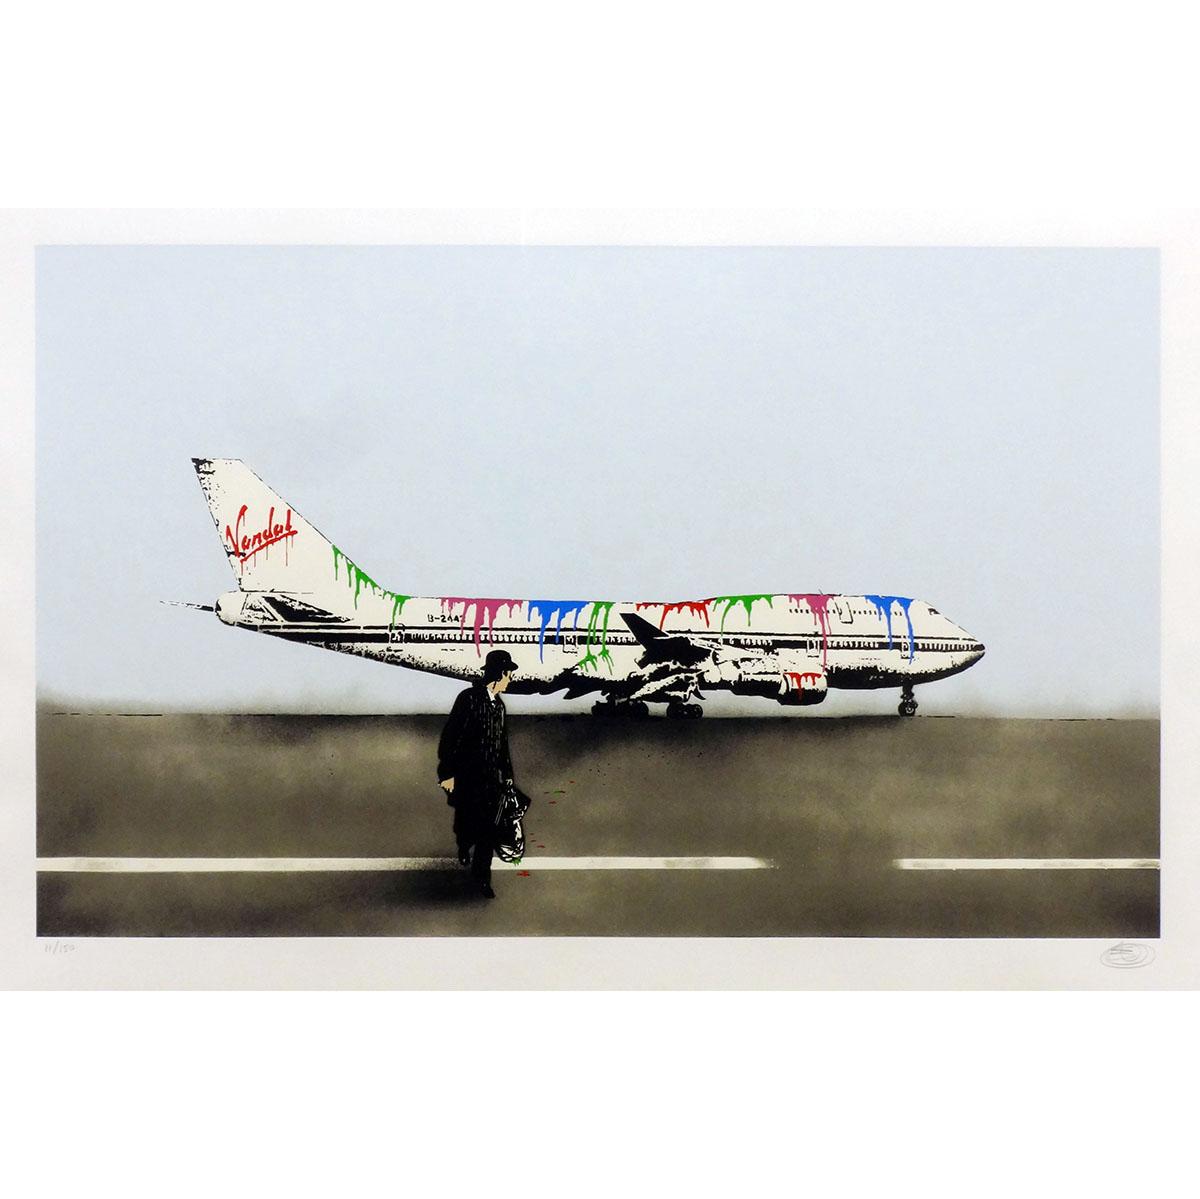 VANDAL AIRWAYS